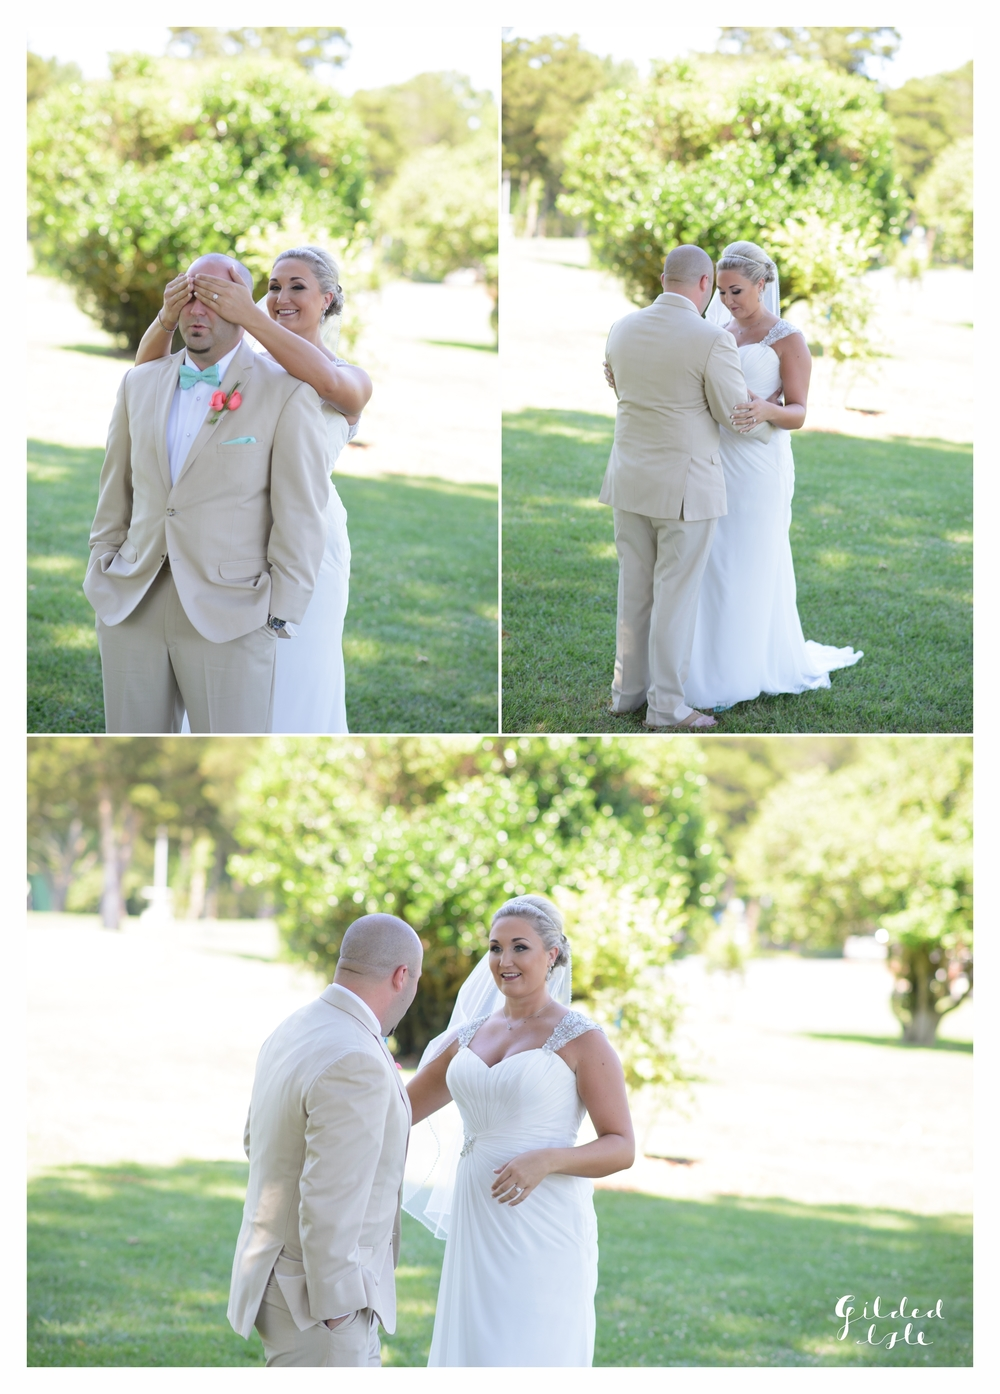 simpson wed blog collage 18.jpg